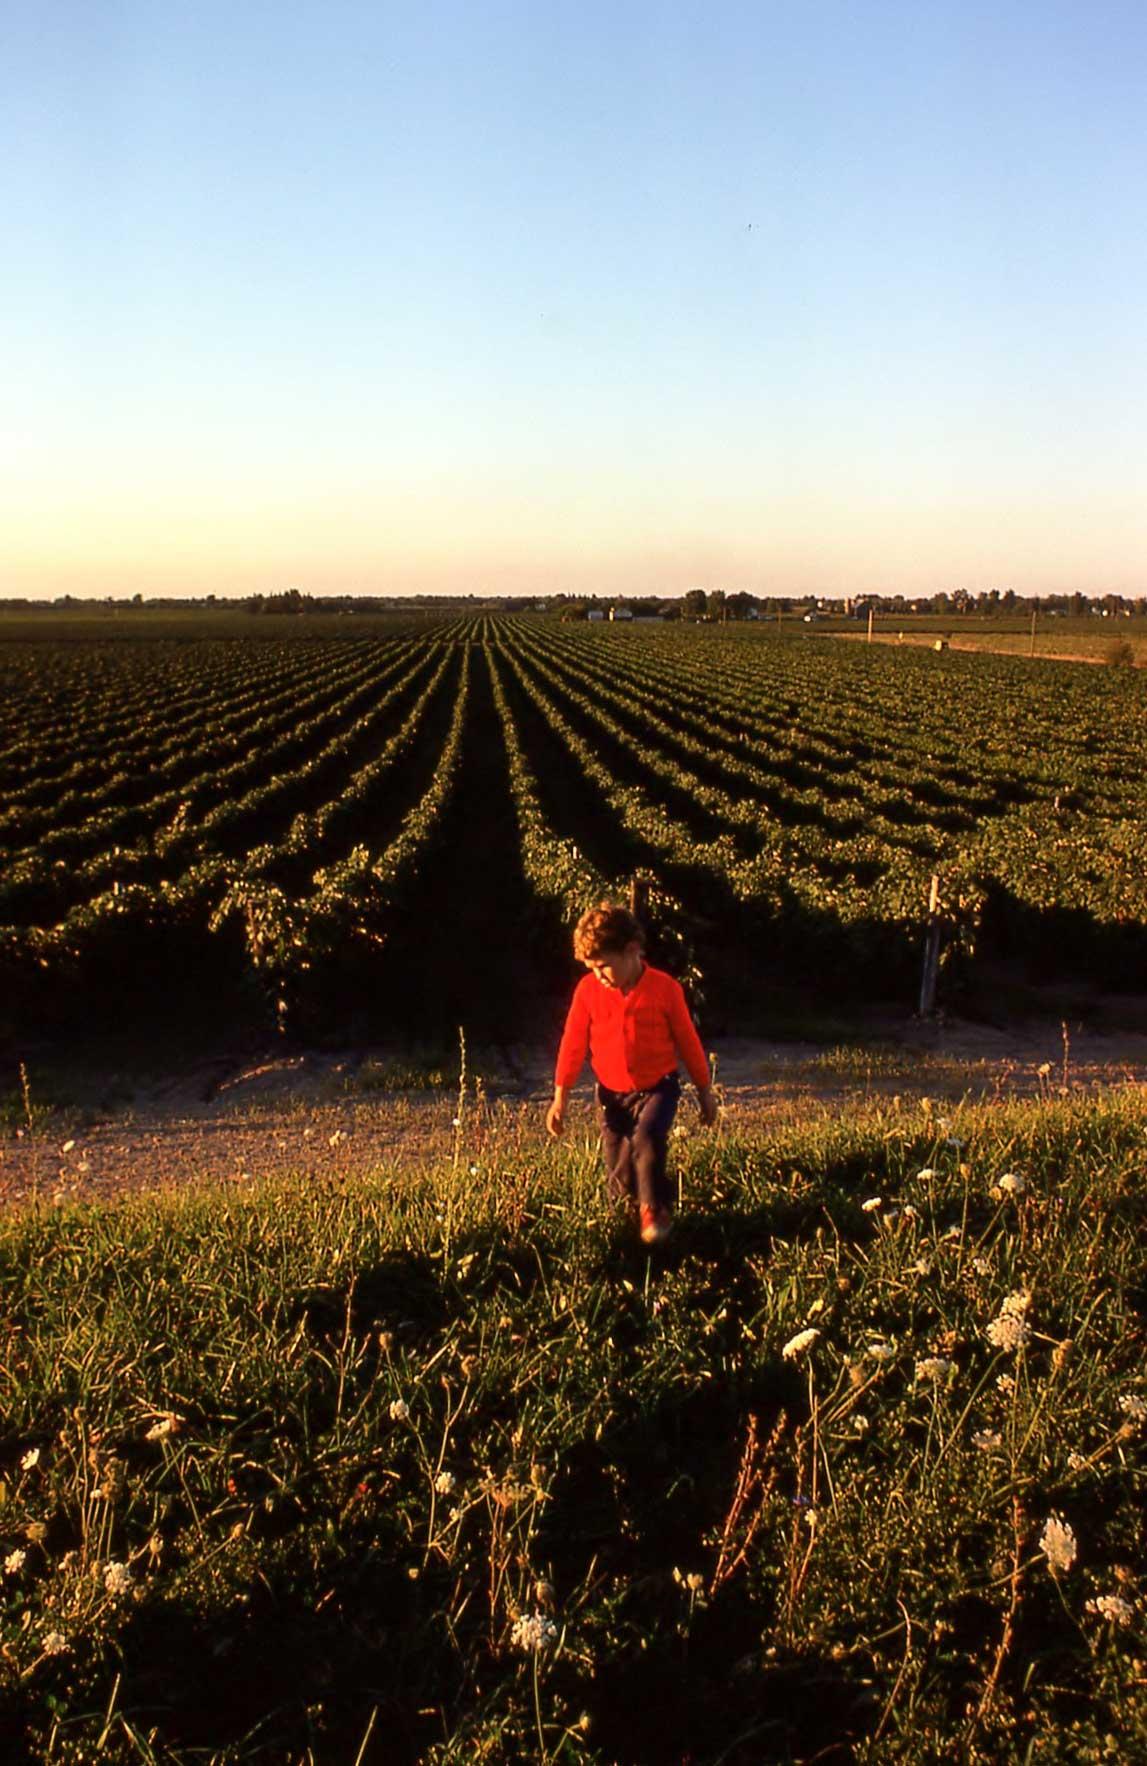 Jon Jurmain as a young boy in a Niagara vineyard